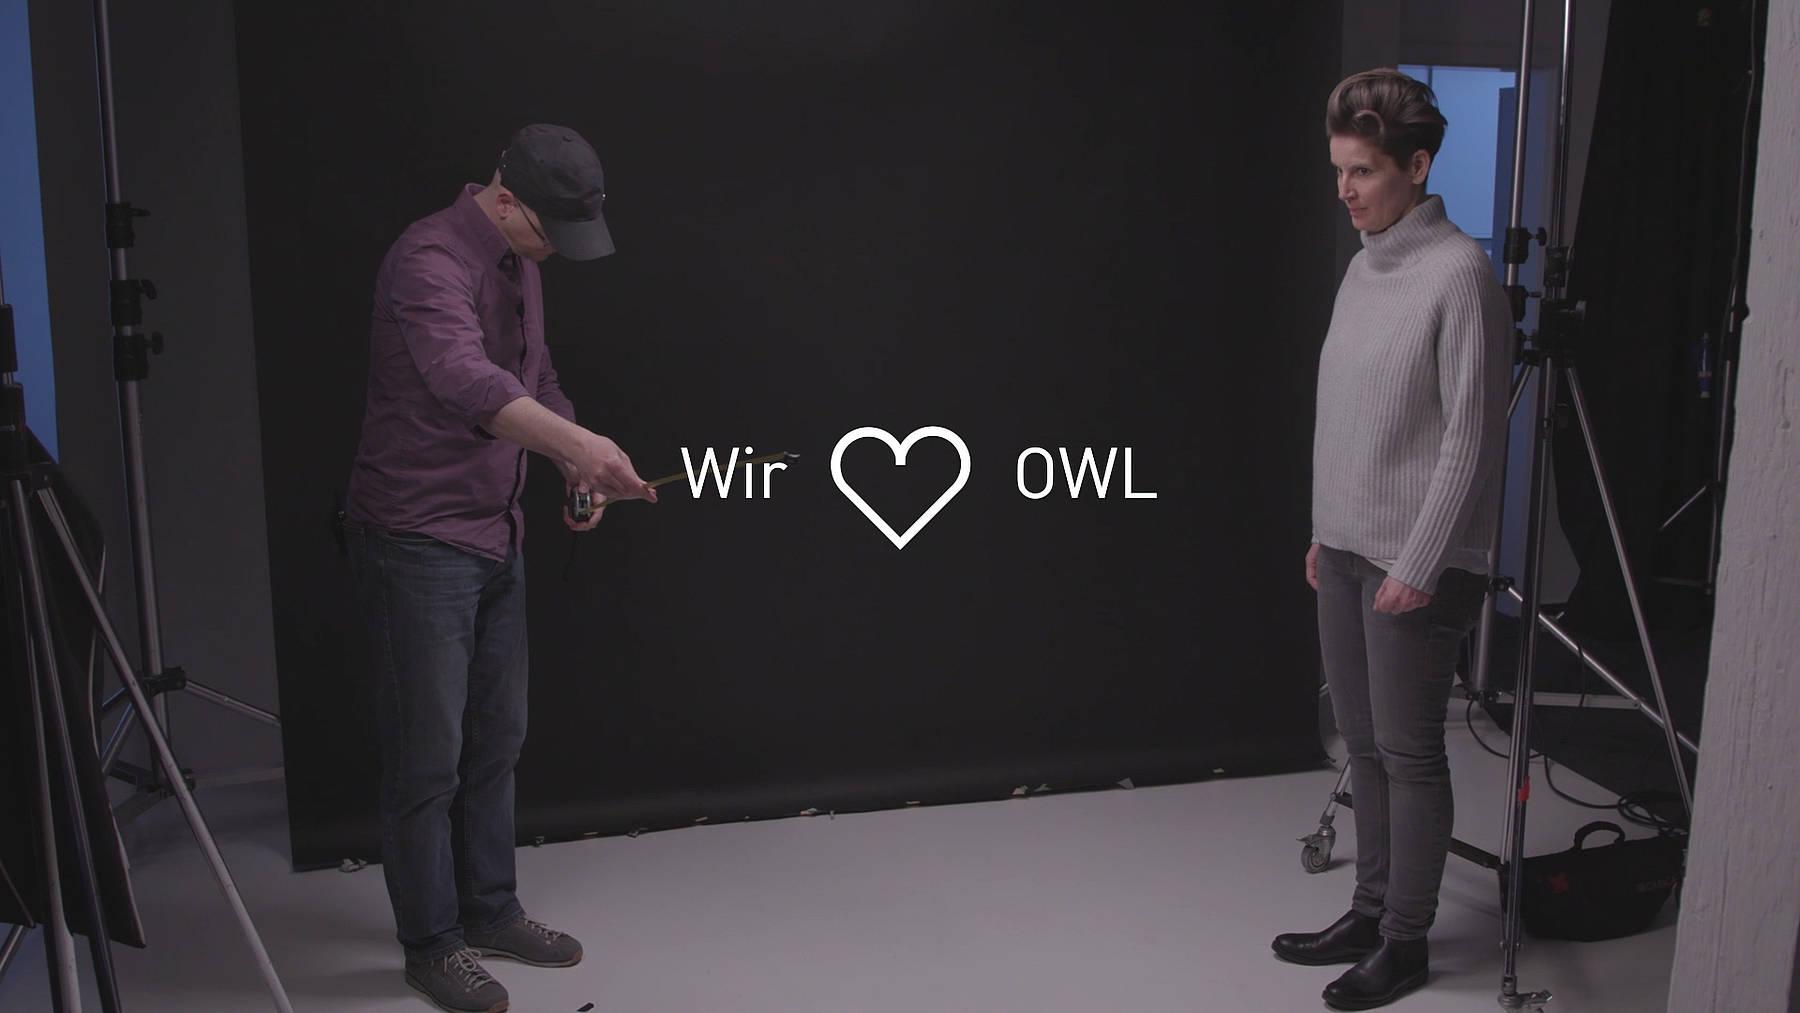 """Frank Terpoorten und Christina Huckle erklären die Inhalte aus der Videoserie """"Gute Aussichten"""""""